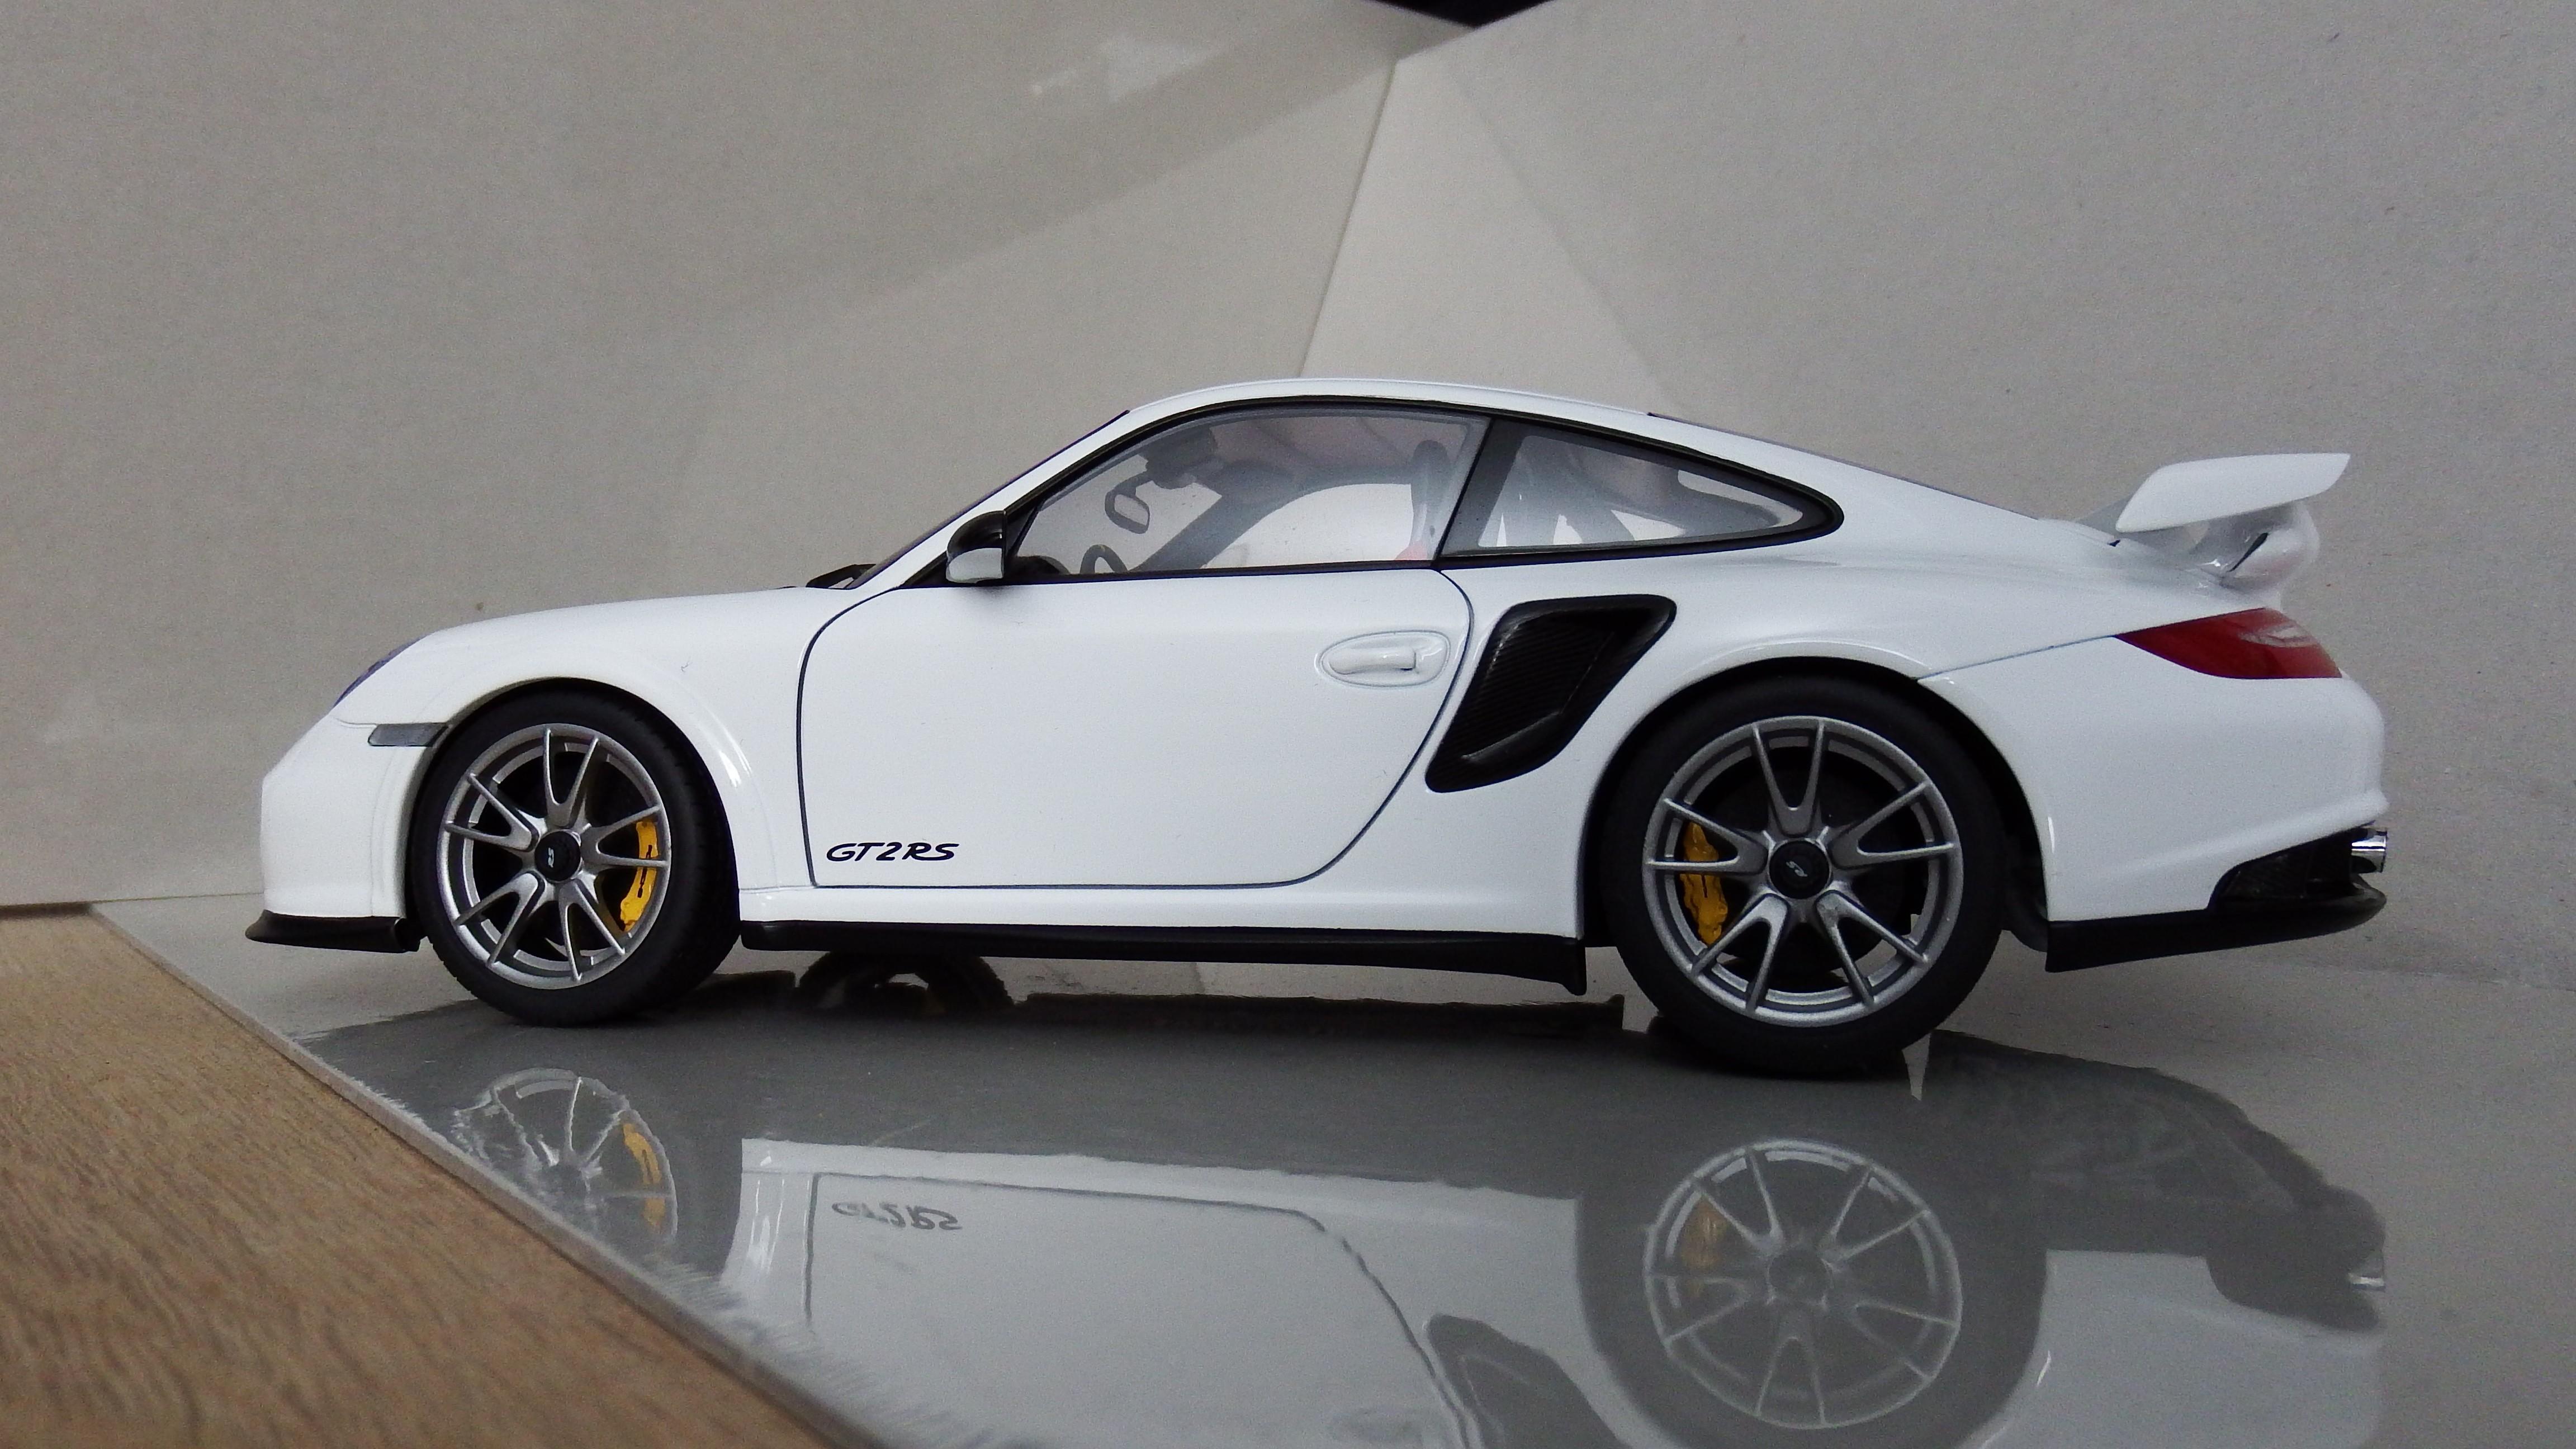 Cq2Vja Outstanding Porsche 911 Gt2 Hot Wheels Cars Trend